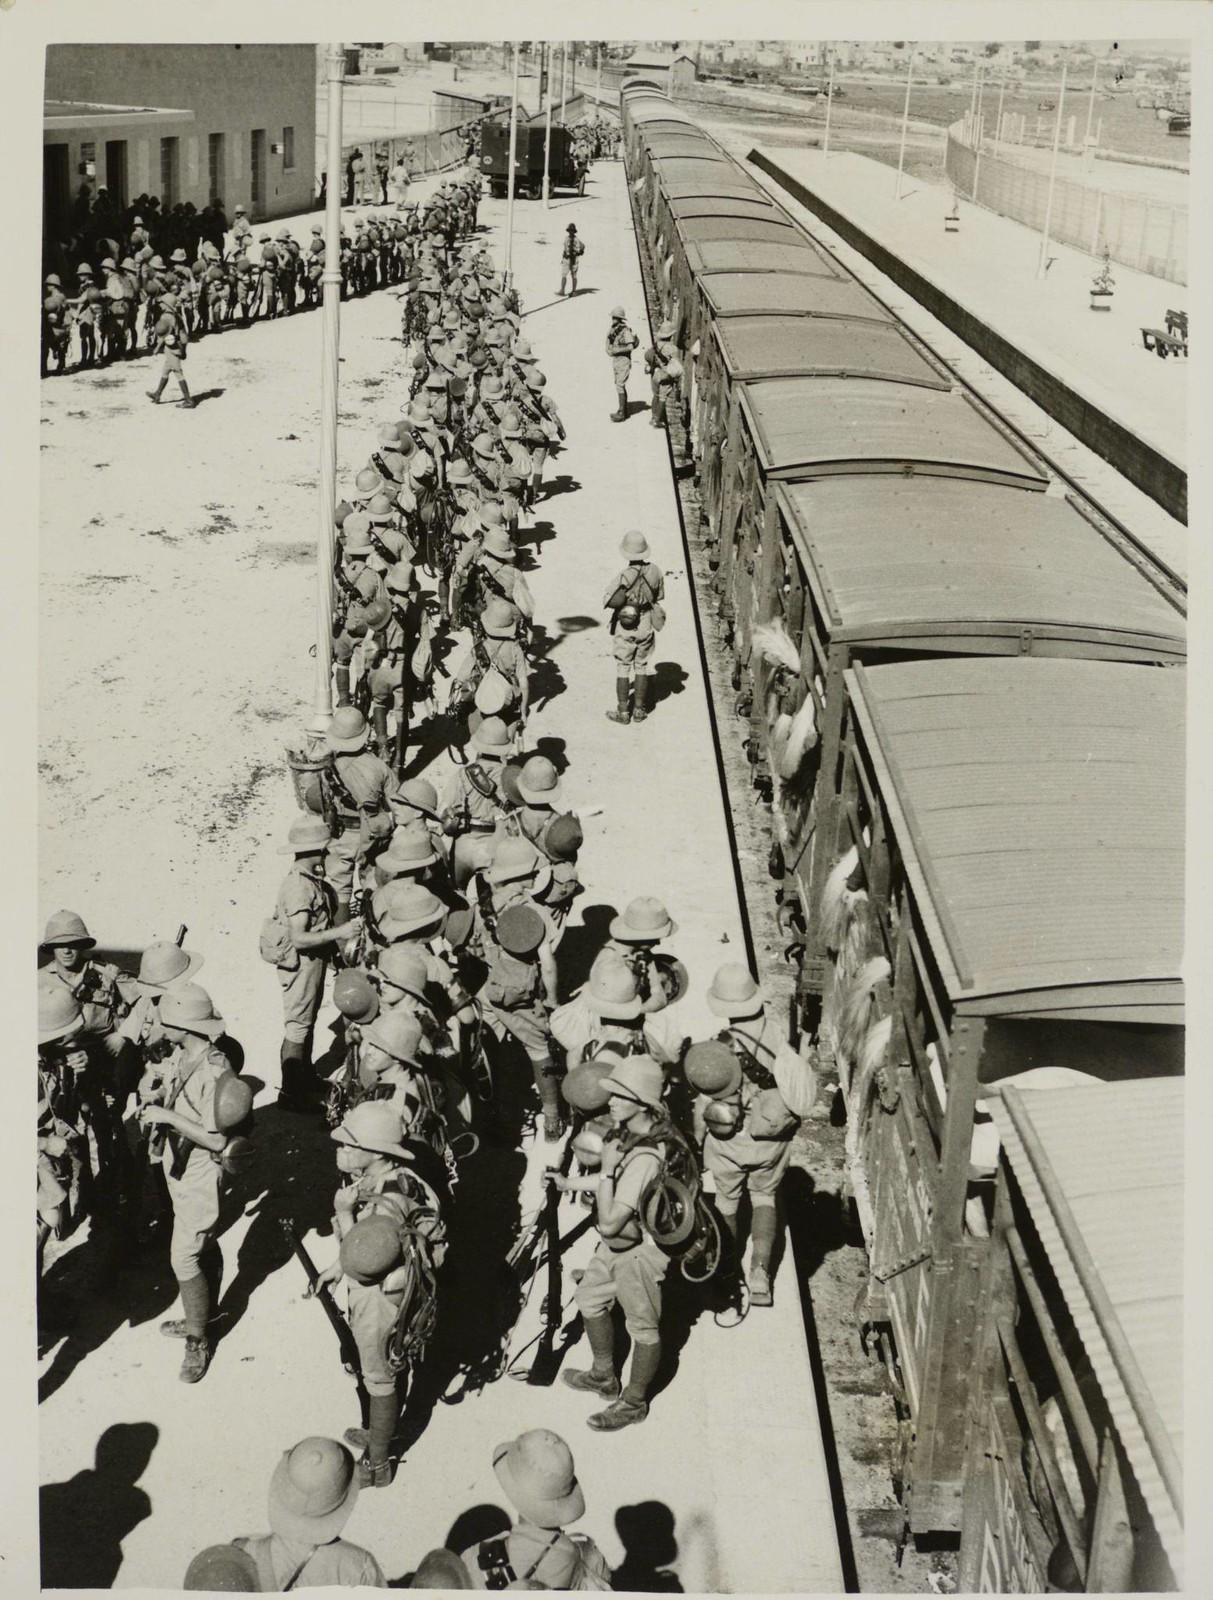 01. 1938. Британцы готовы к наступлению на Палестину. «Королевские шотландские драгуны приближаются к месту боевых действий, новости из Палестины указывают на то, что начинается крупнейшая военная кампания с тех пор, как Алленби изгнал турок в 1918 году.